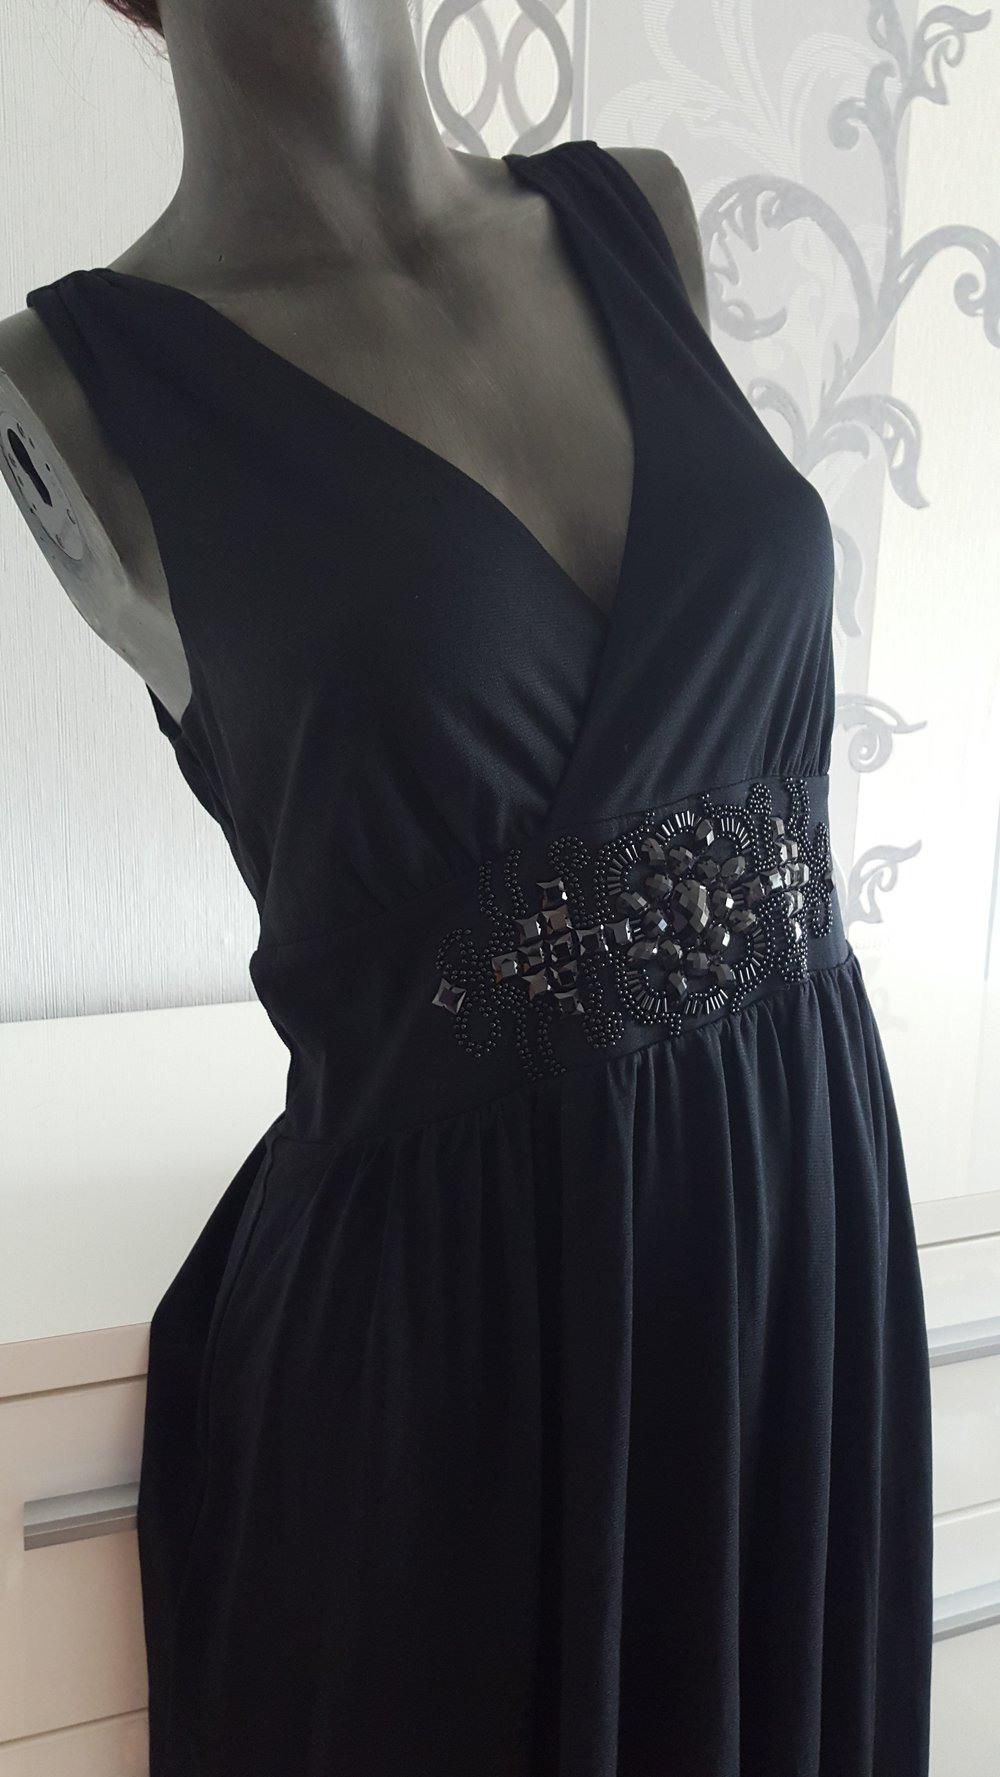 Elegantes Schwarzes Esprit Kleid Hochzeit Besondere Anlässe 40 42 L Xl  Evtl. 44 Da Dehnbar